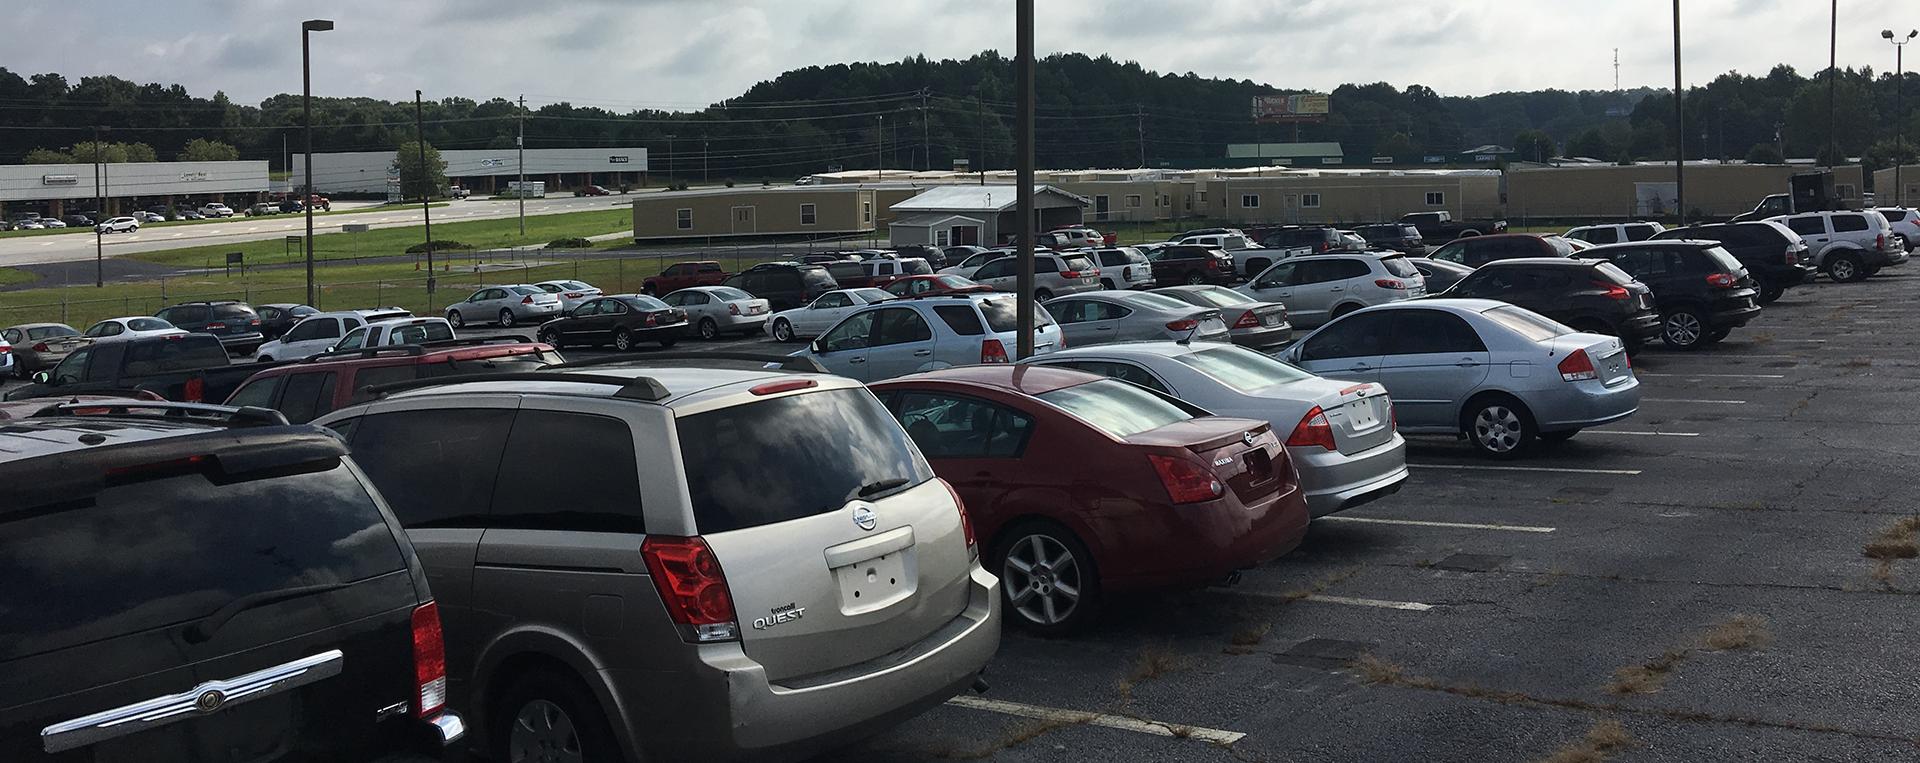 About Us | Atlanta East Auto Auction